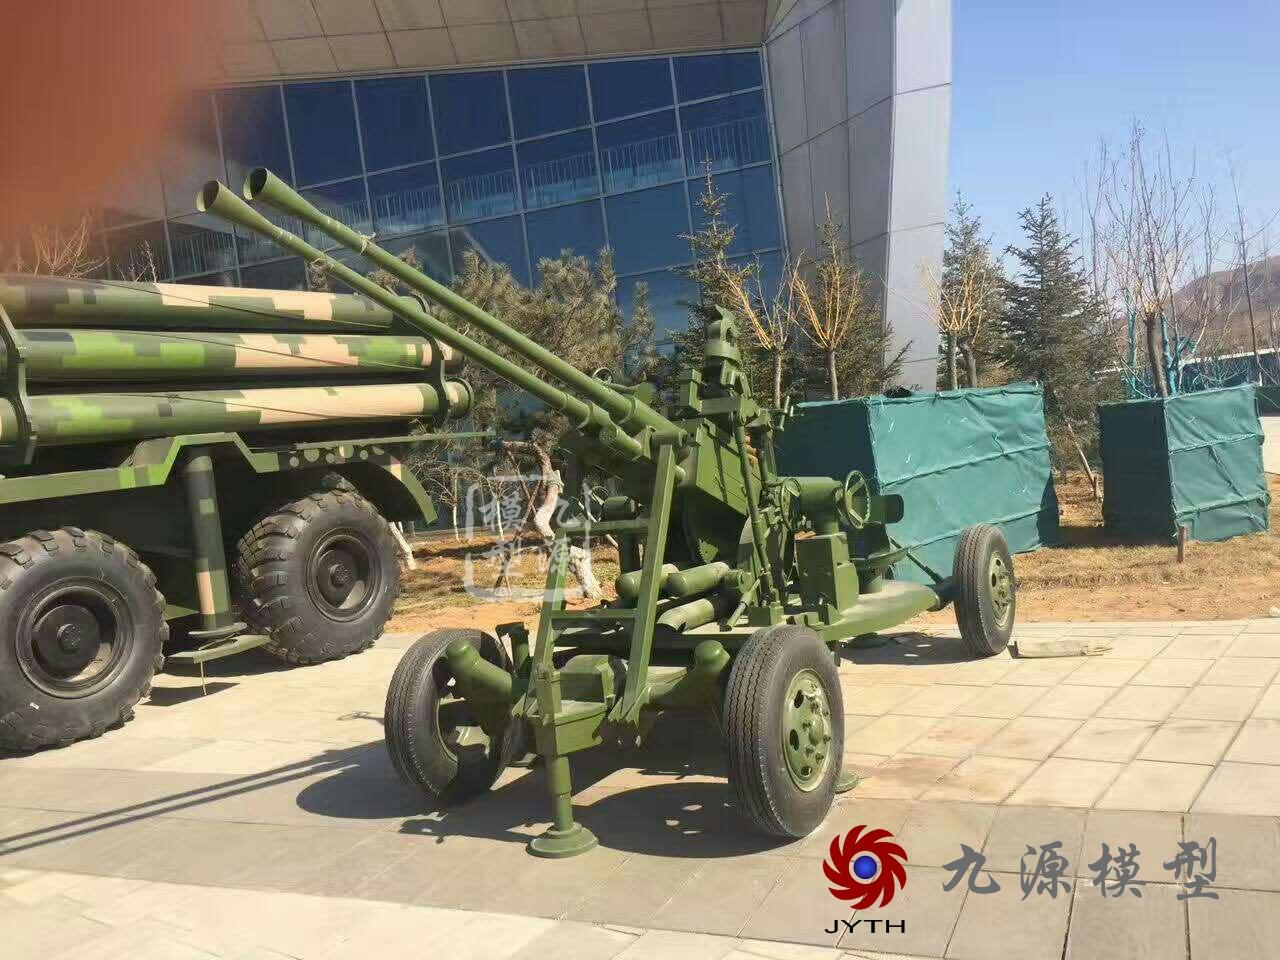 大炮-mmexport1489827703643